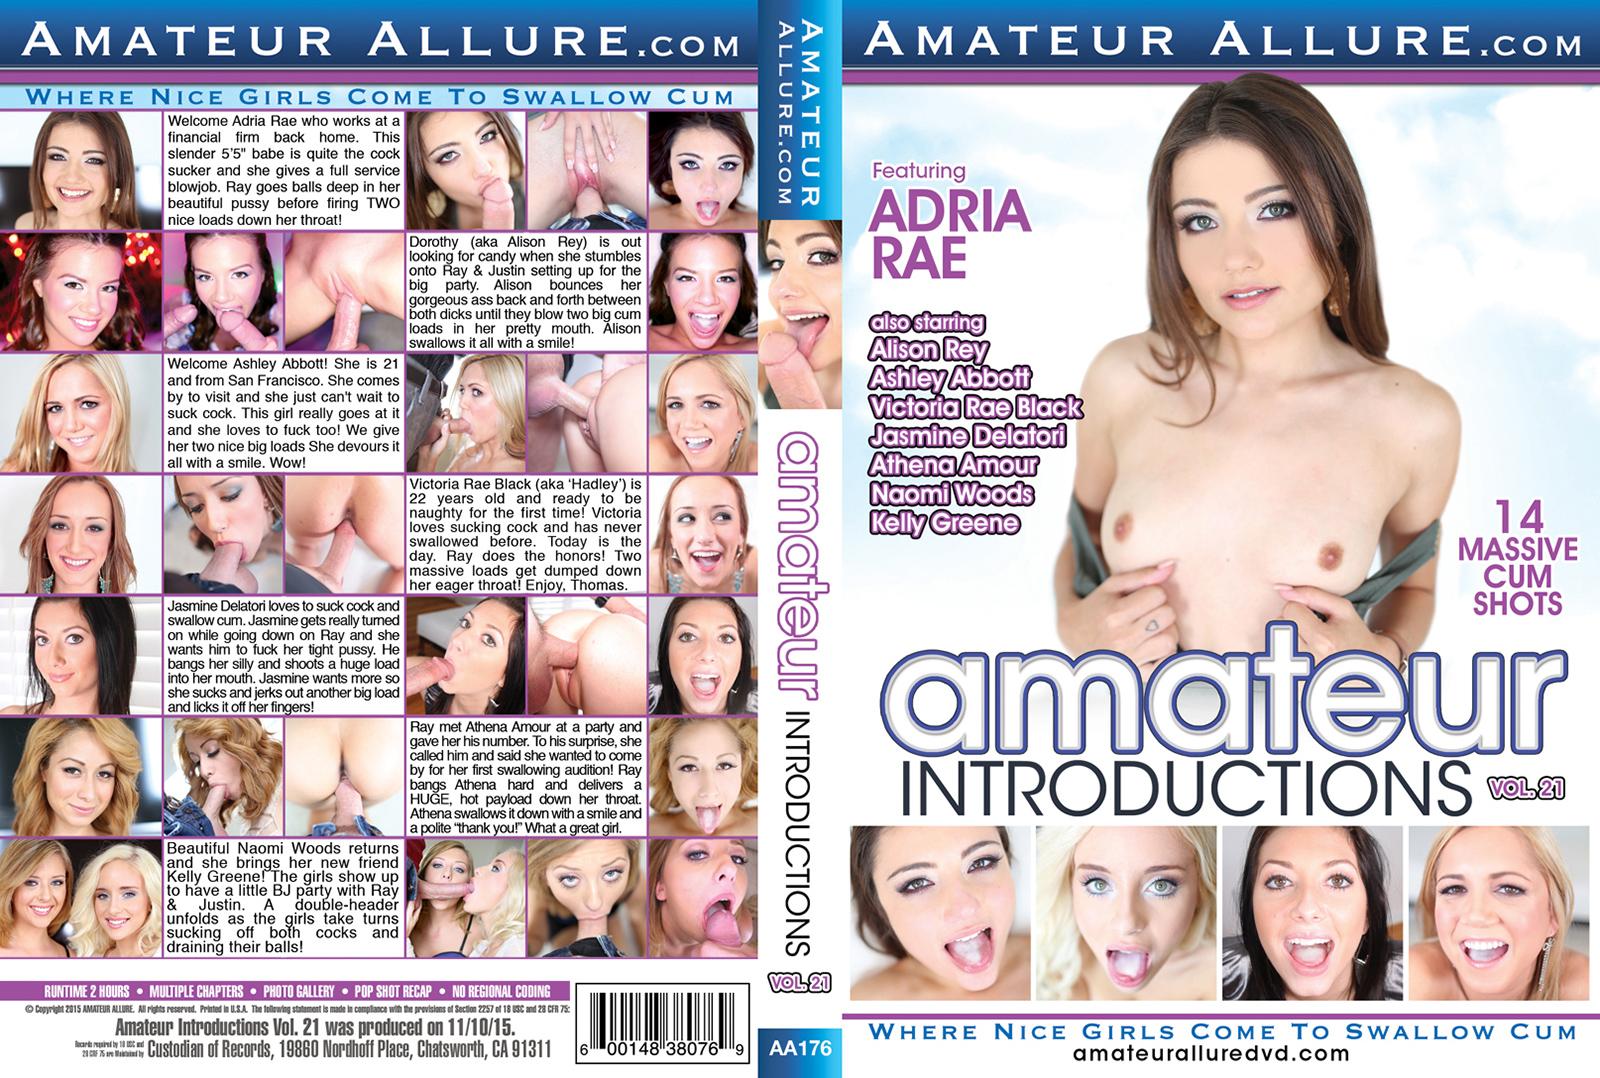 amateur_introductions_21-dvd-large.jpg